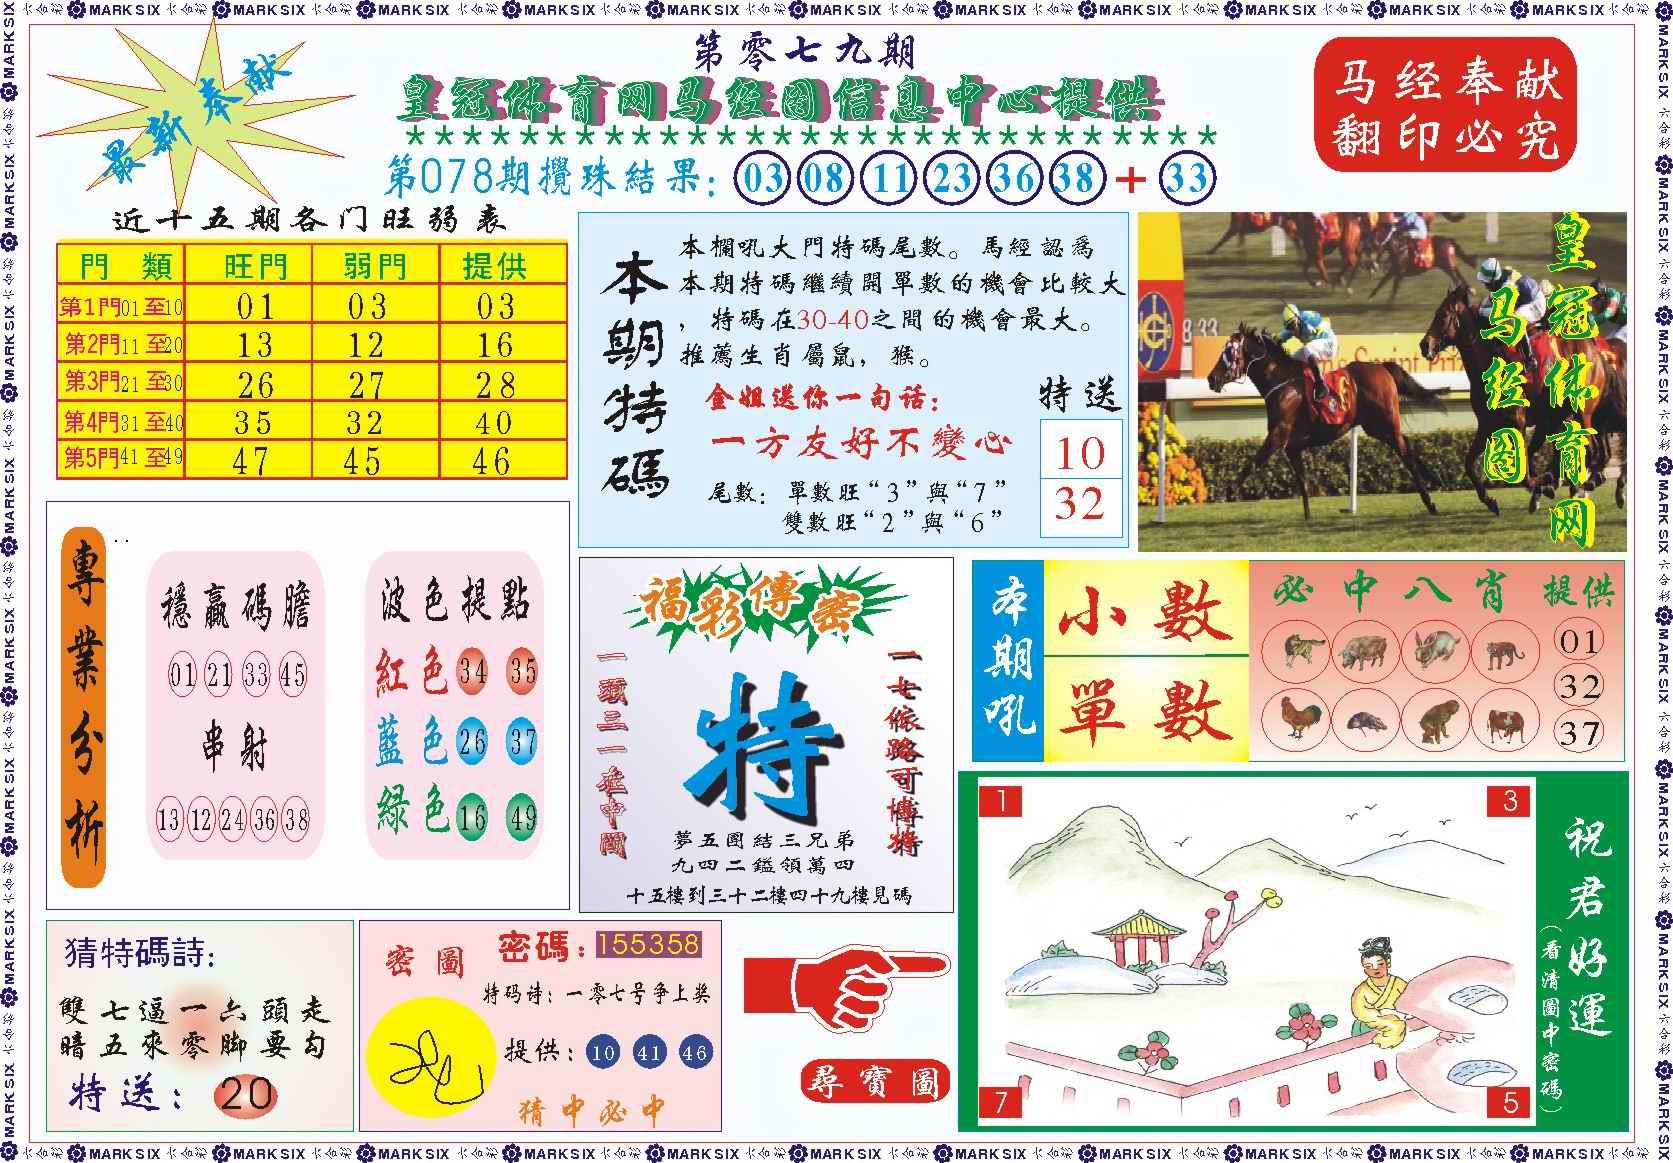 079期皇冠体育网马经图记录